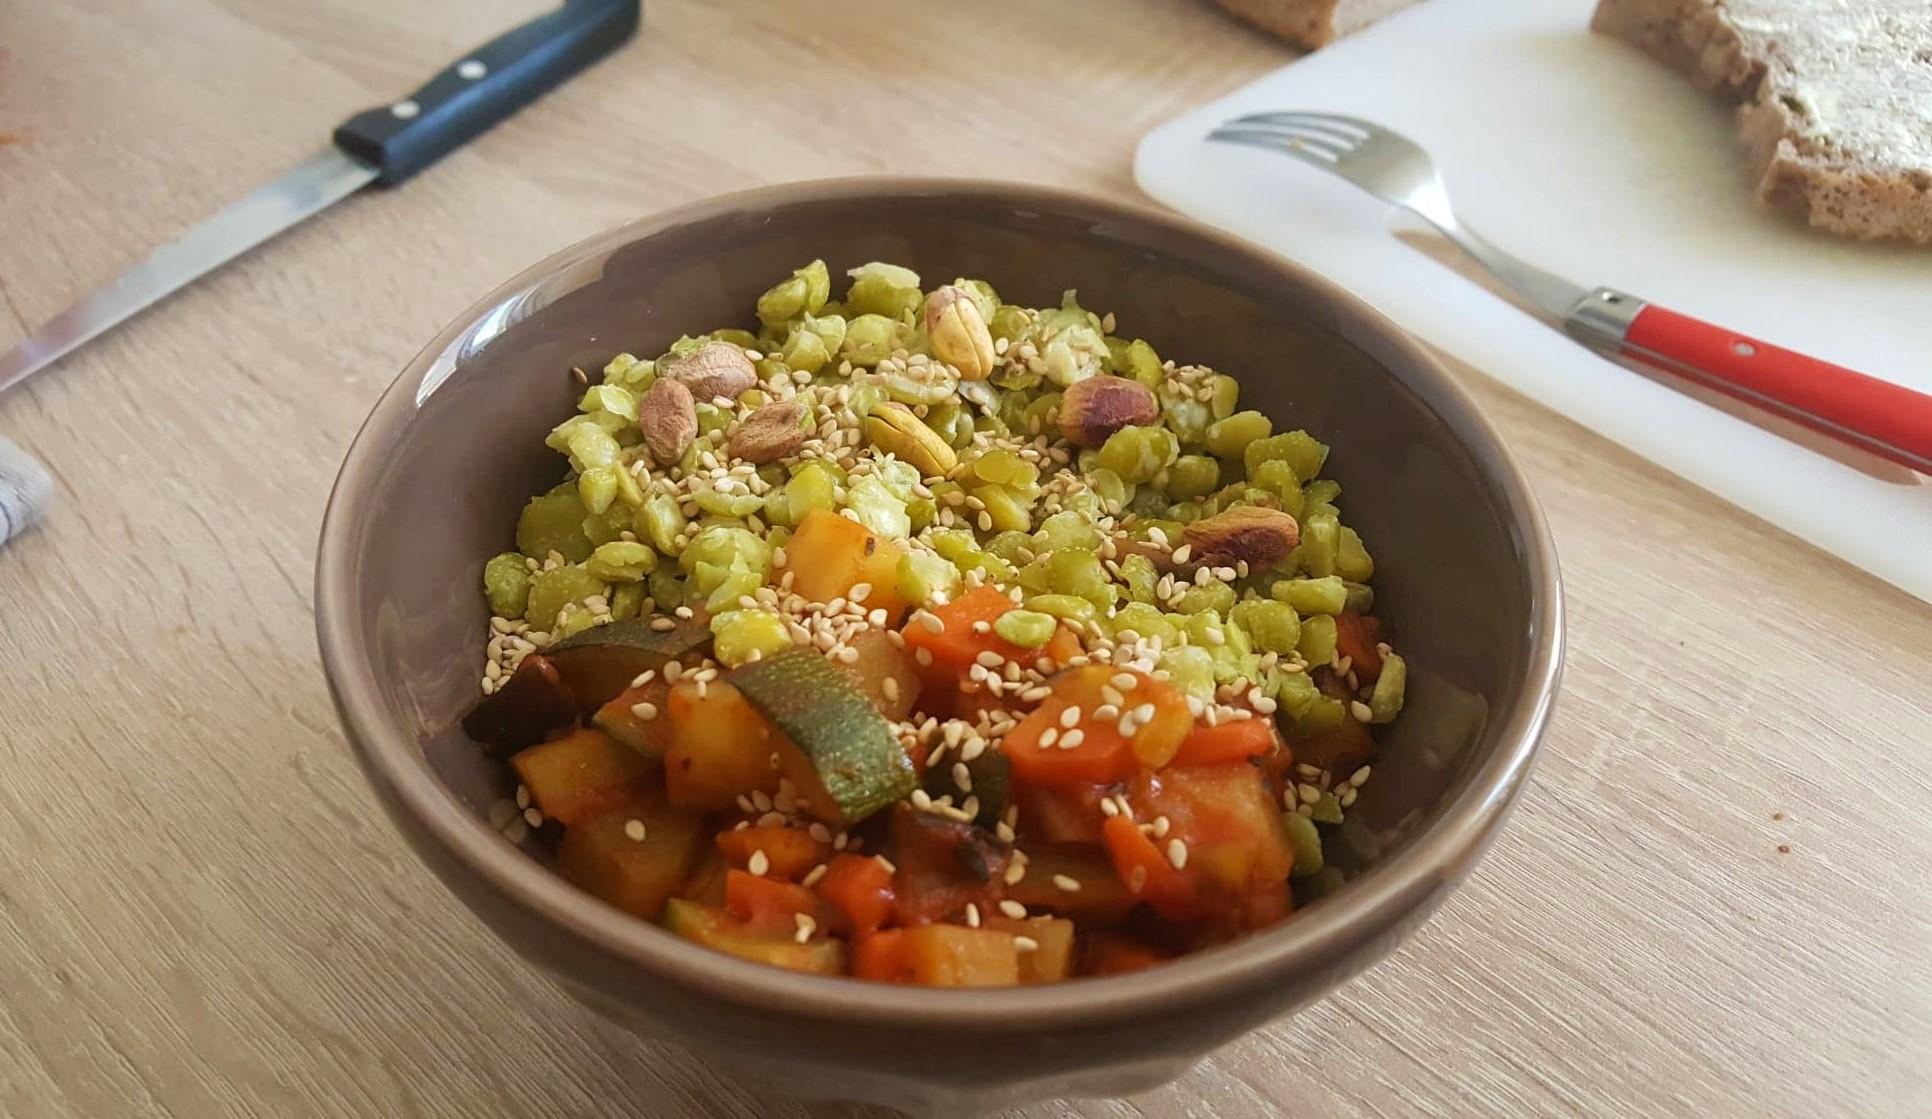 Composer une assiette vegan équilibrée